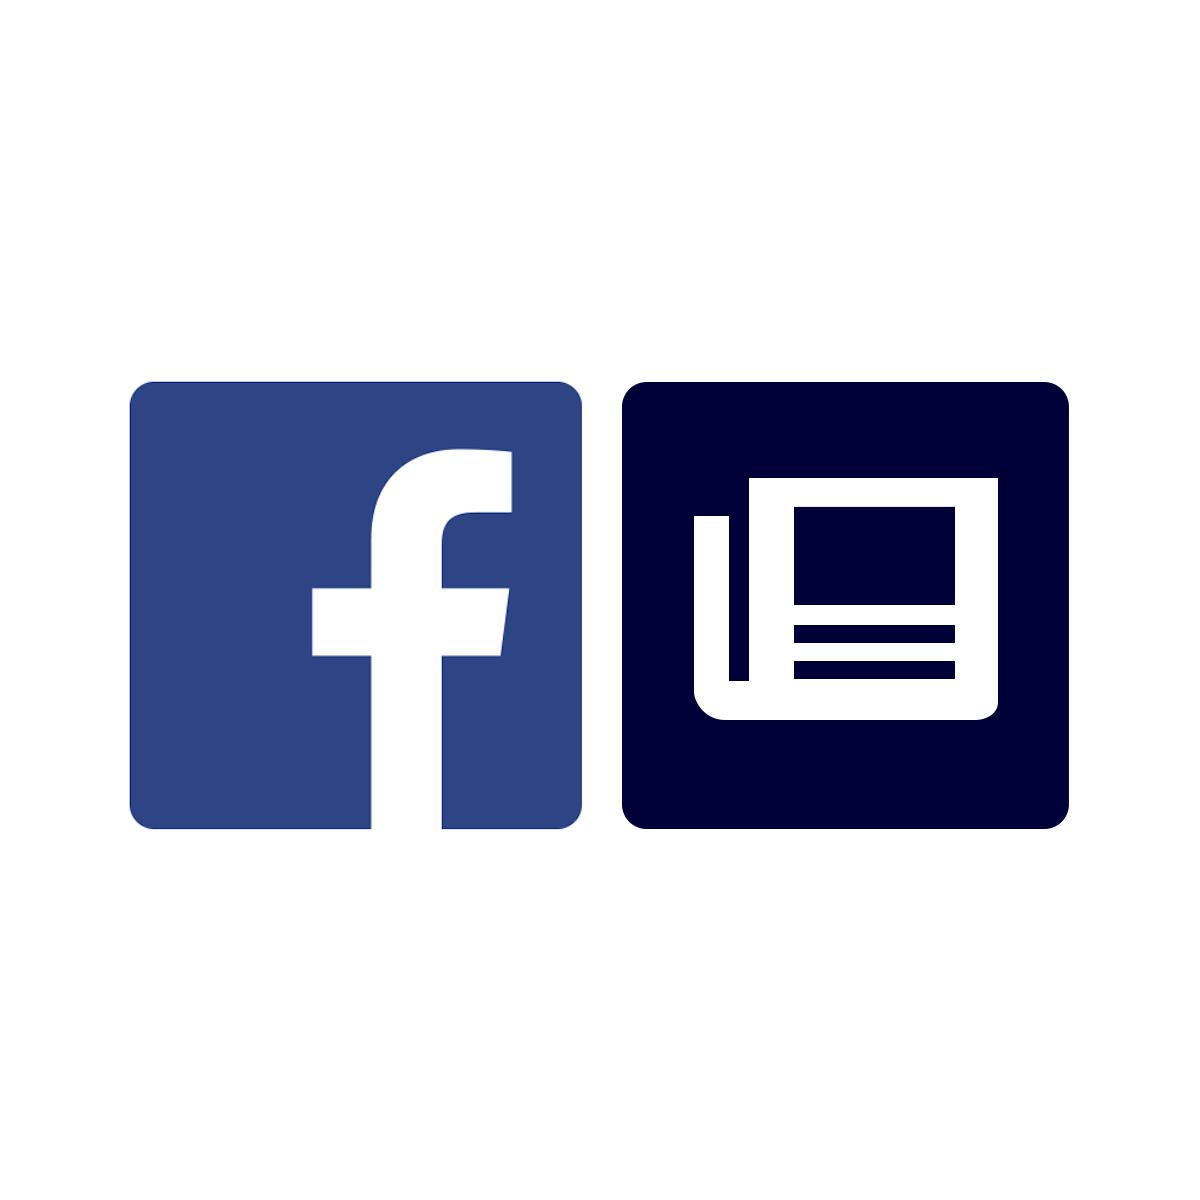 画像: 最新版「Facebookを安全に利用するために」に「保護者向けポータル」を新設 | Facebookニュースルーム